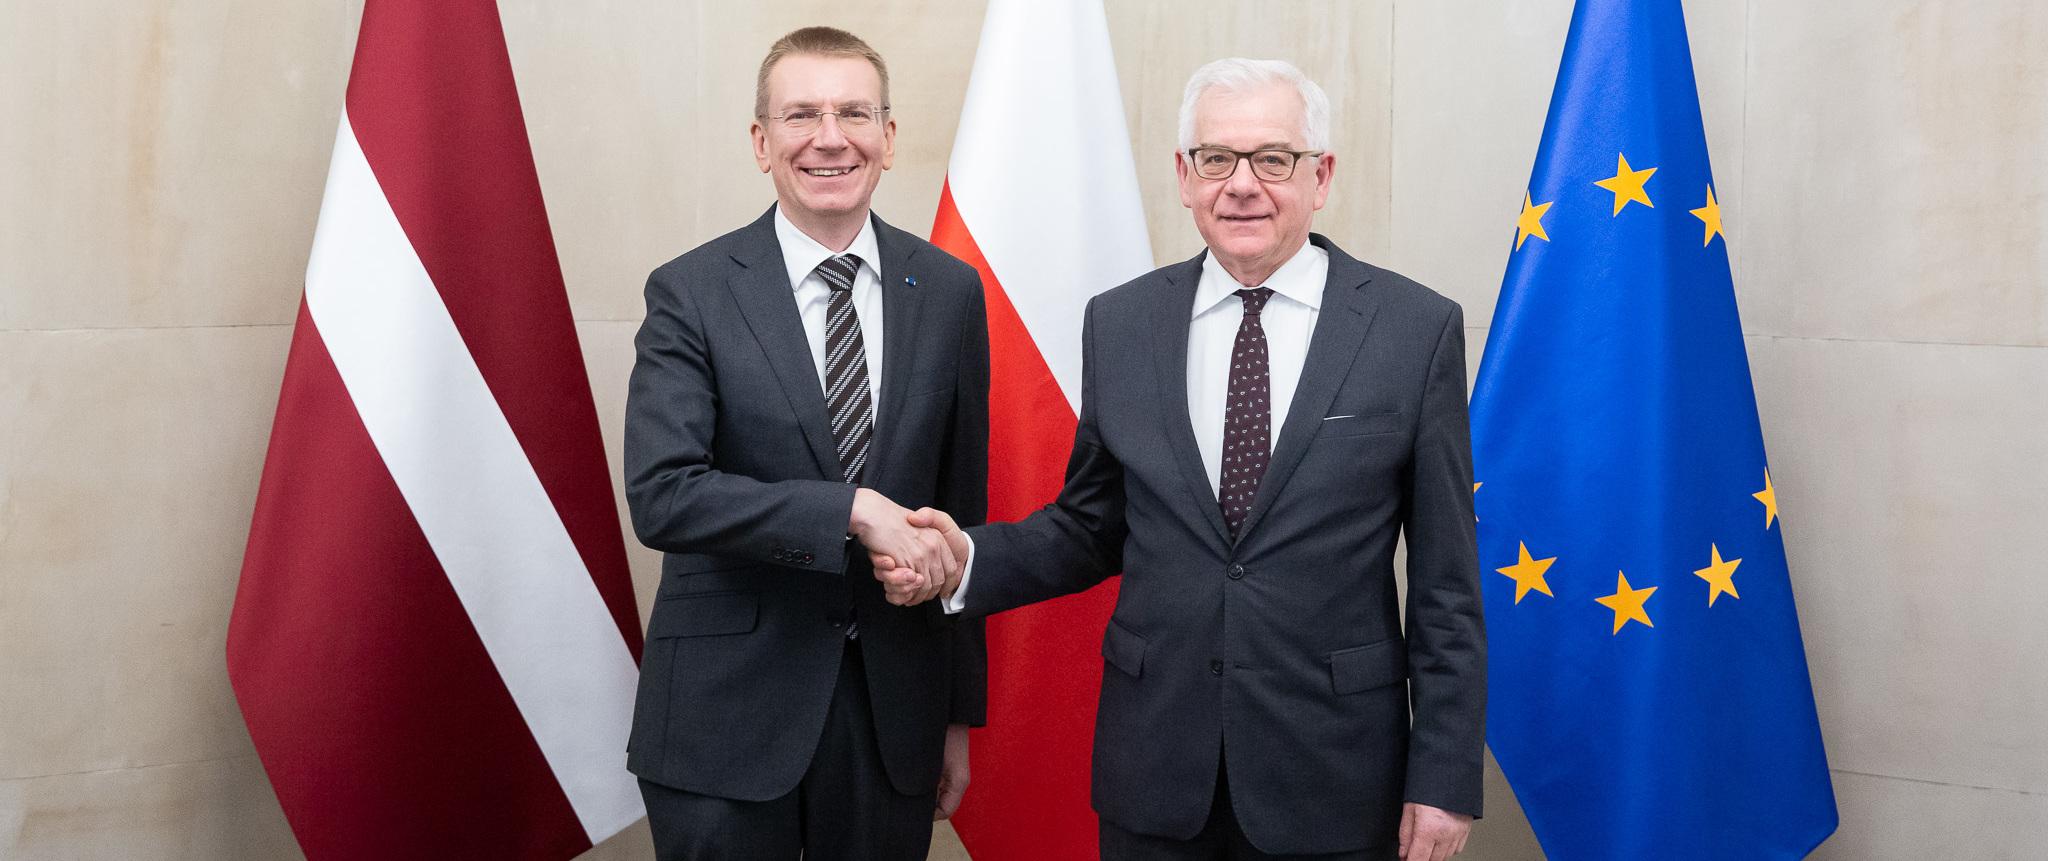 Wizyta ministra SZ Lotwy